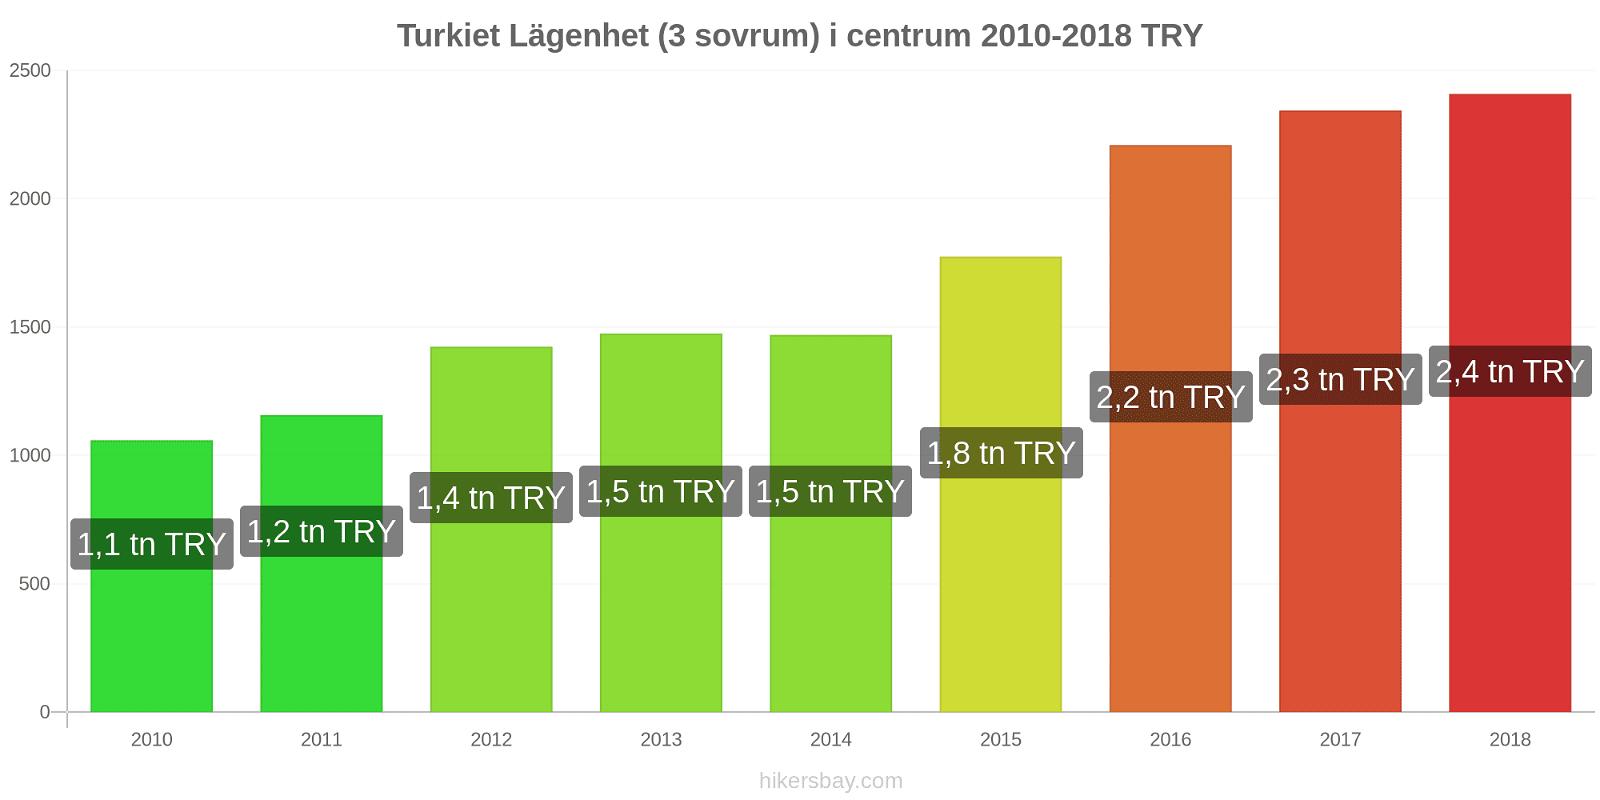 Turkiet prisförändringar Lägenhet (3 sovrum) i centrum hikersbay.com